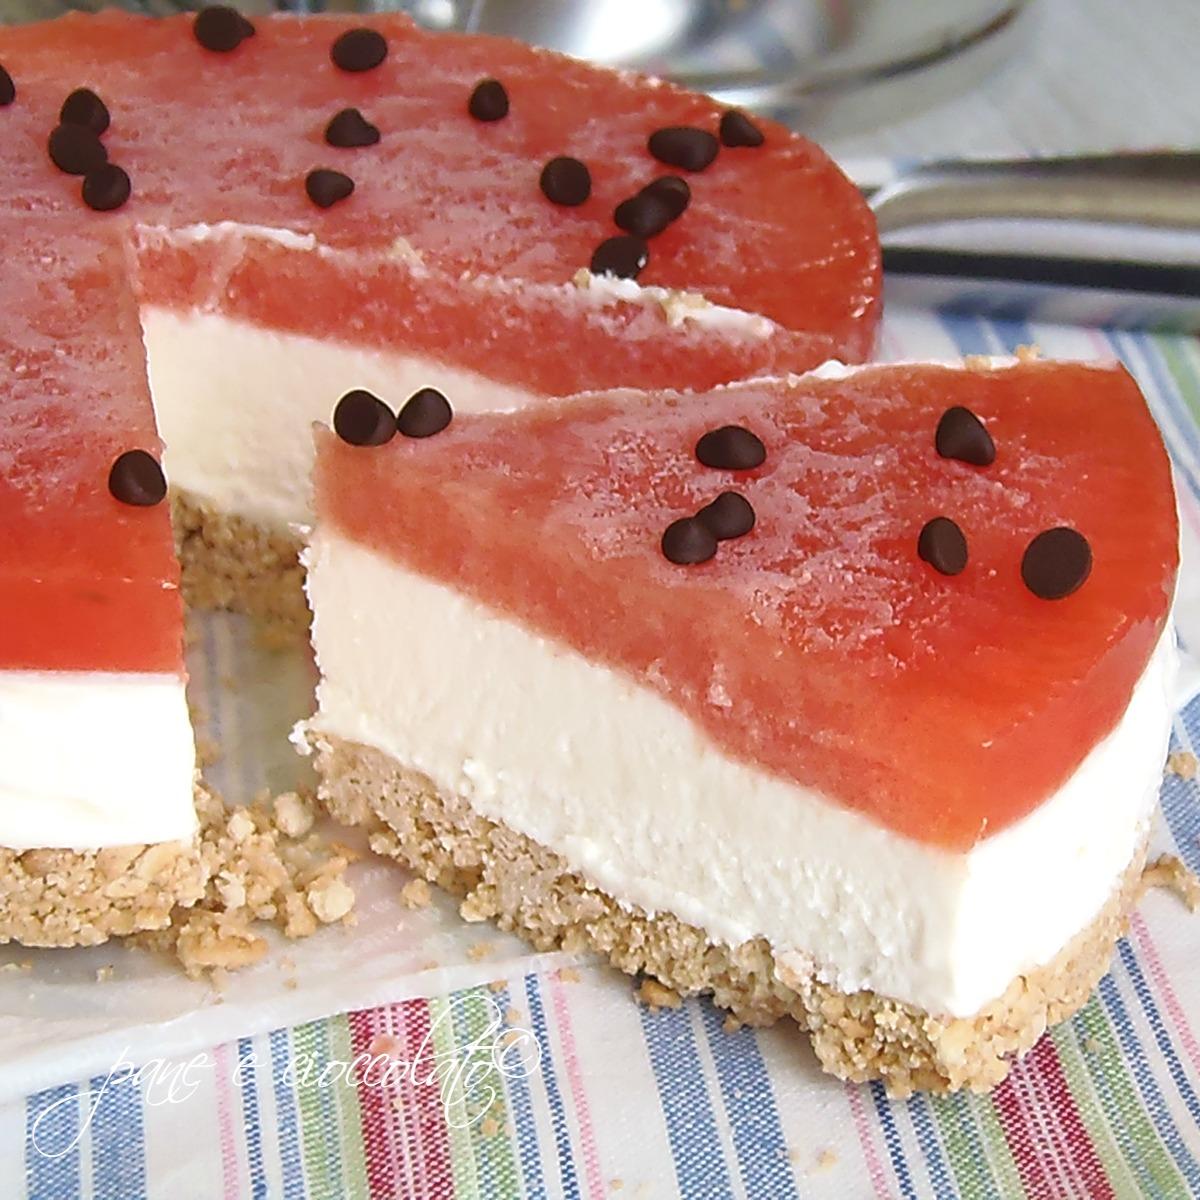 I dolci freschi di ferragosto raccolta 10 ricette facili for Case di tronchi freschi